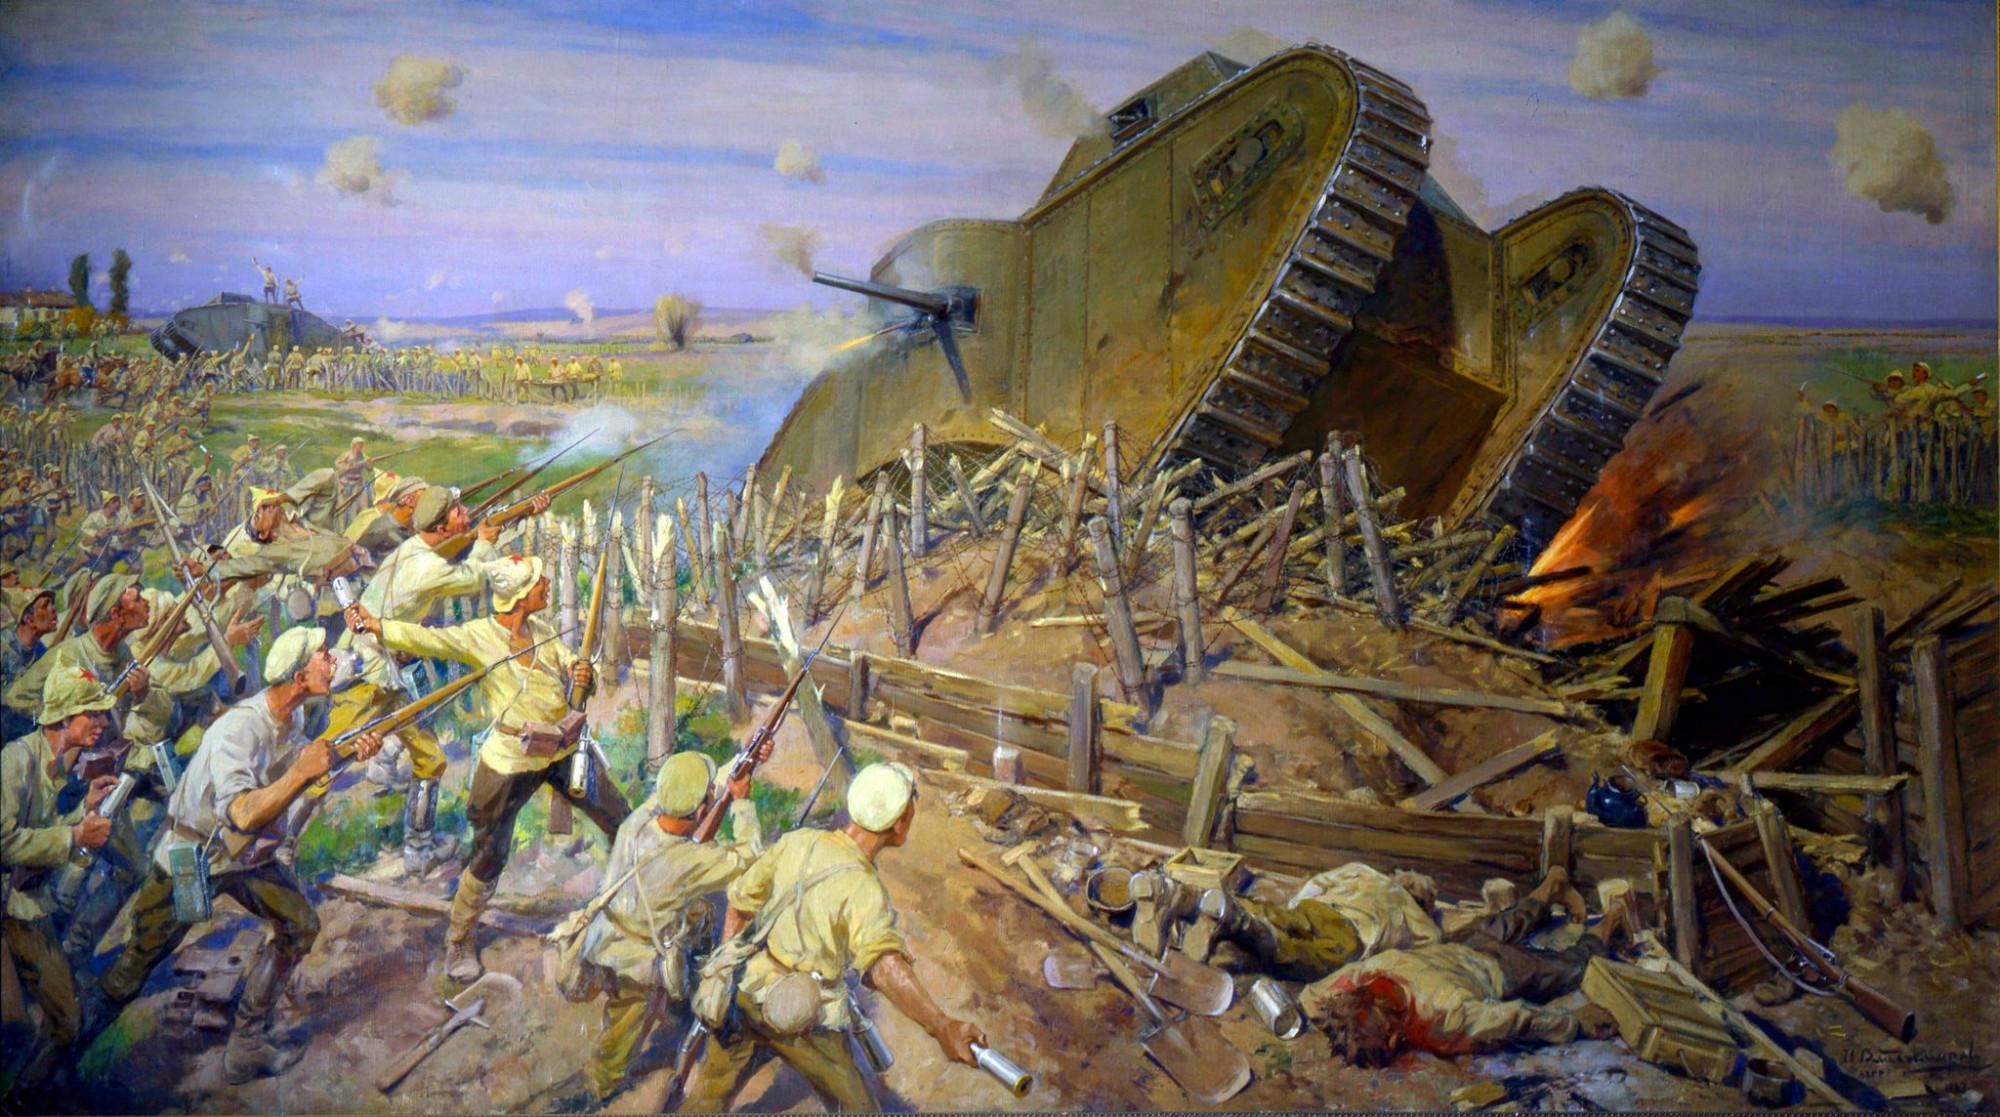 Захват танков под Каховкой, Иван Владимиров, 1927 год